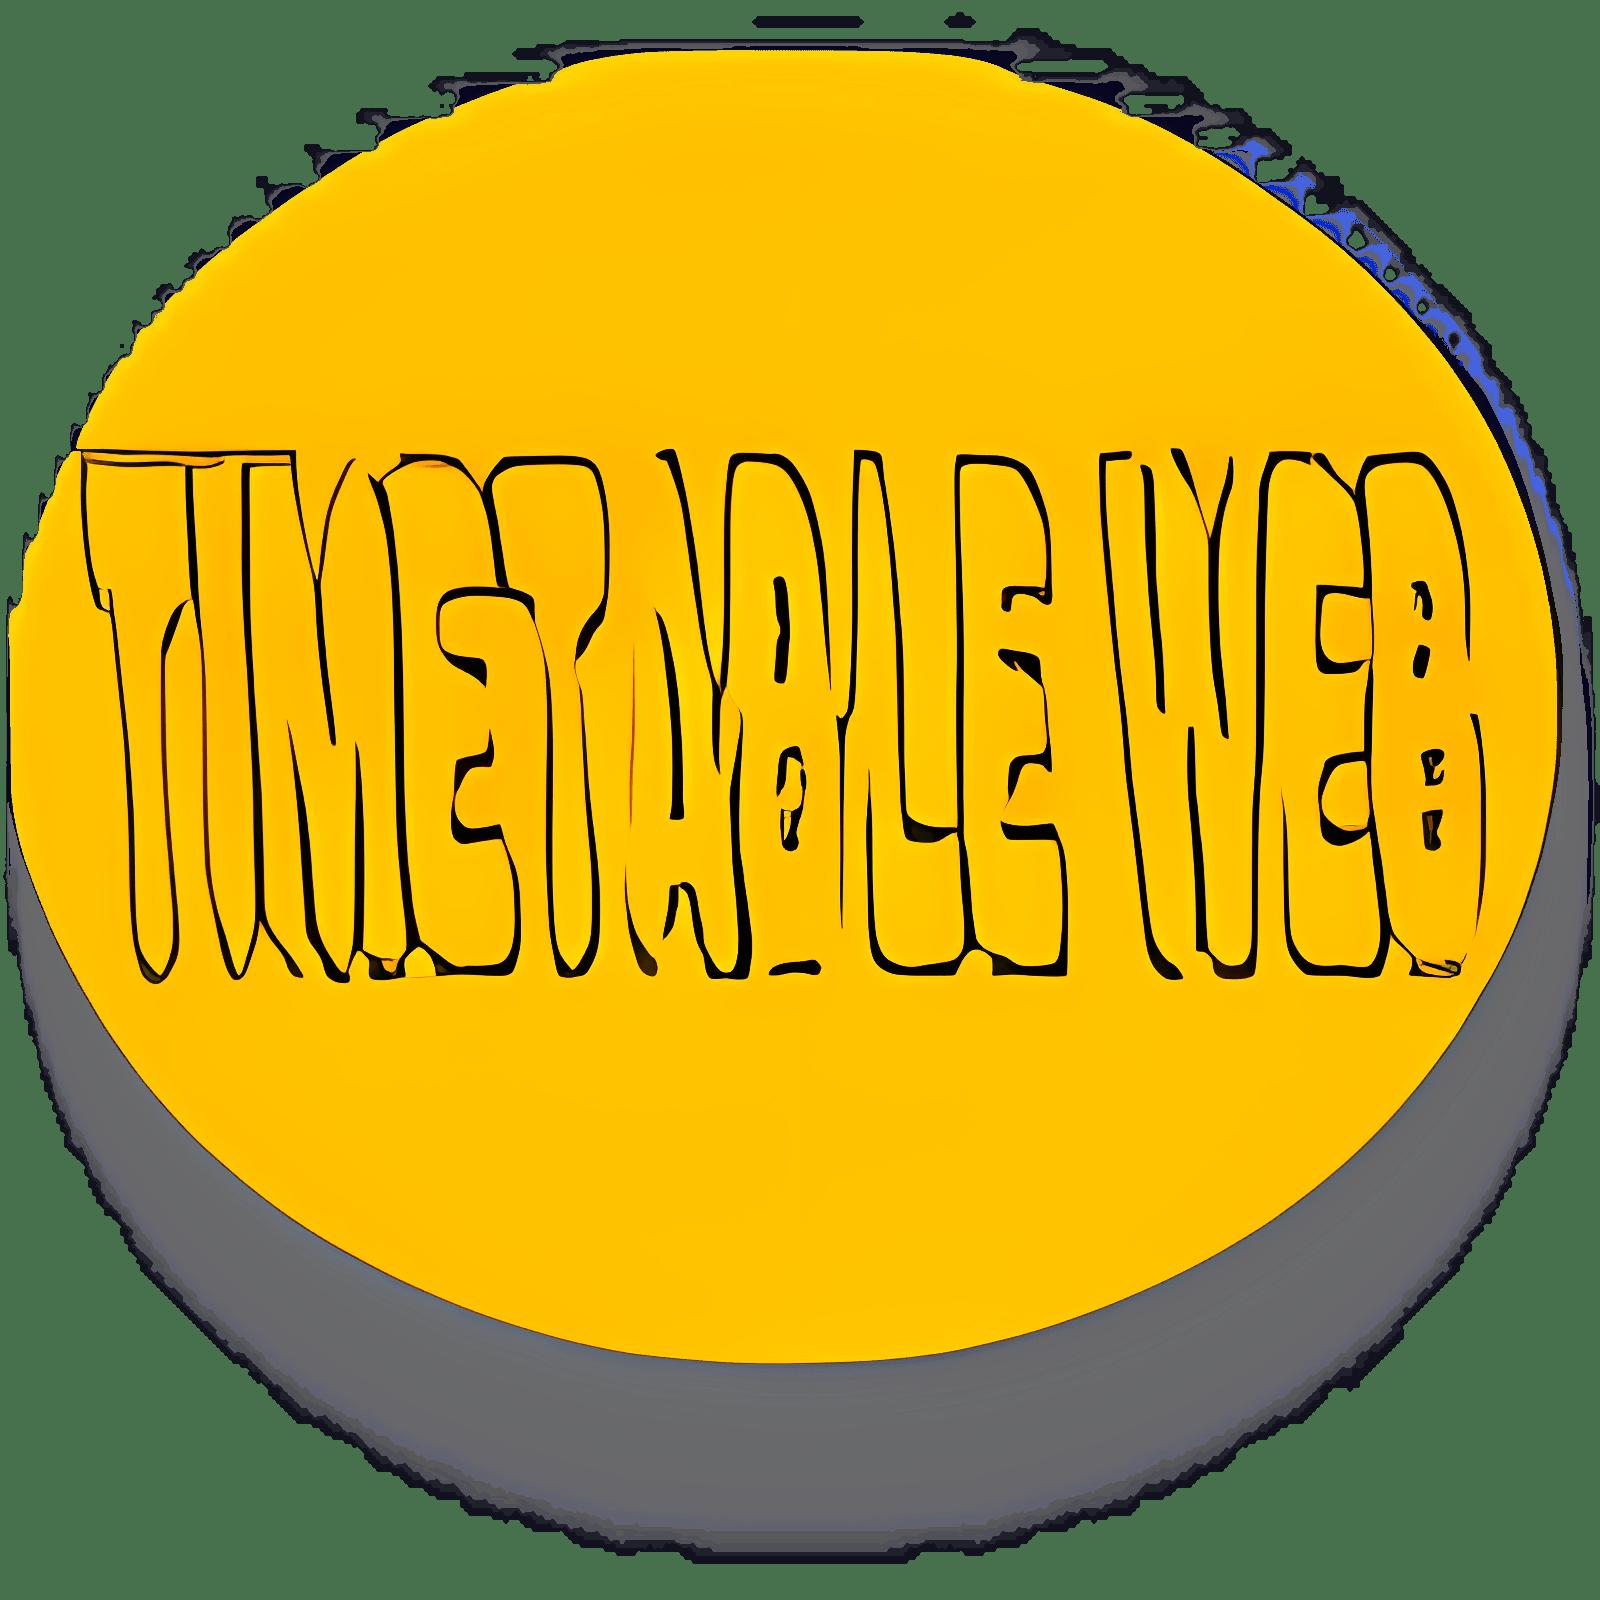 timetableweb